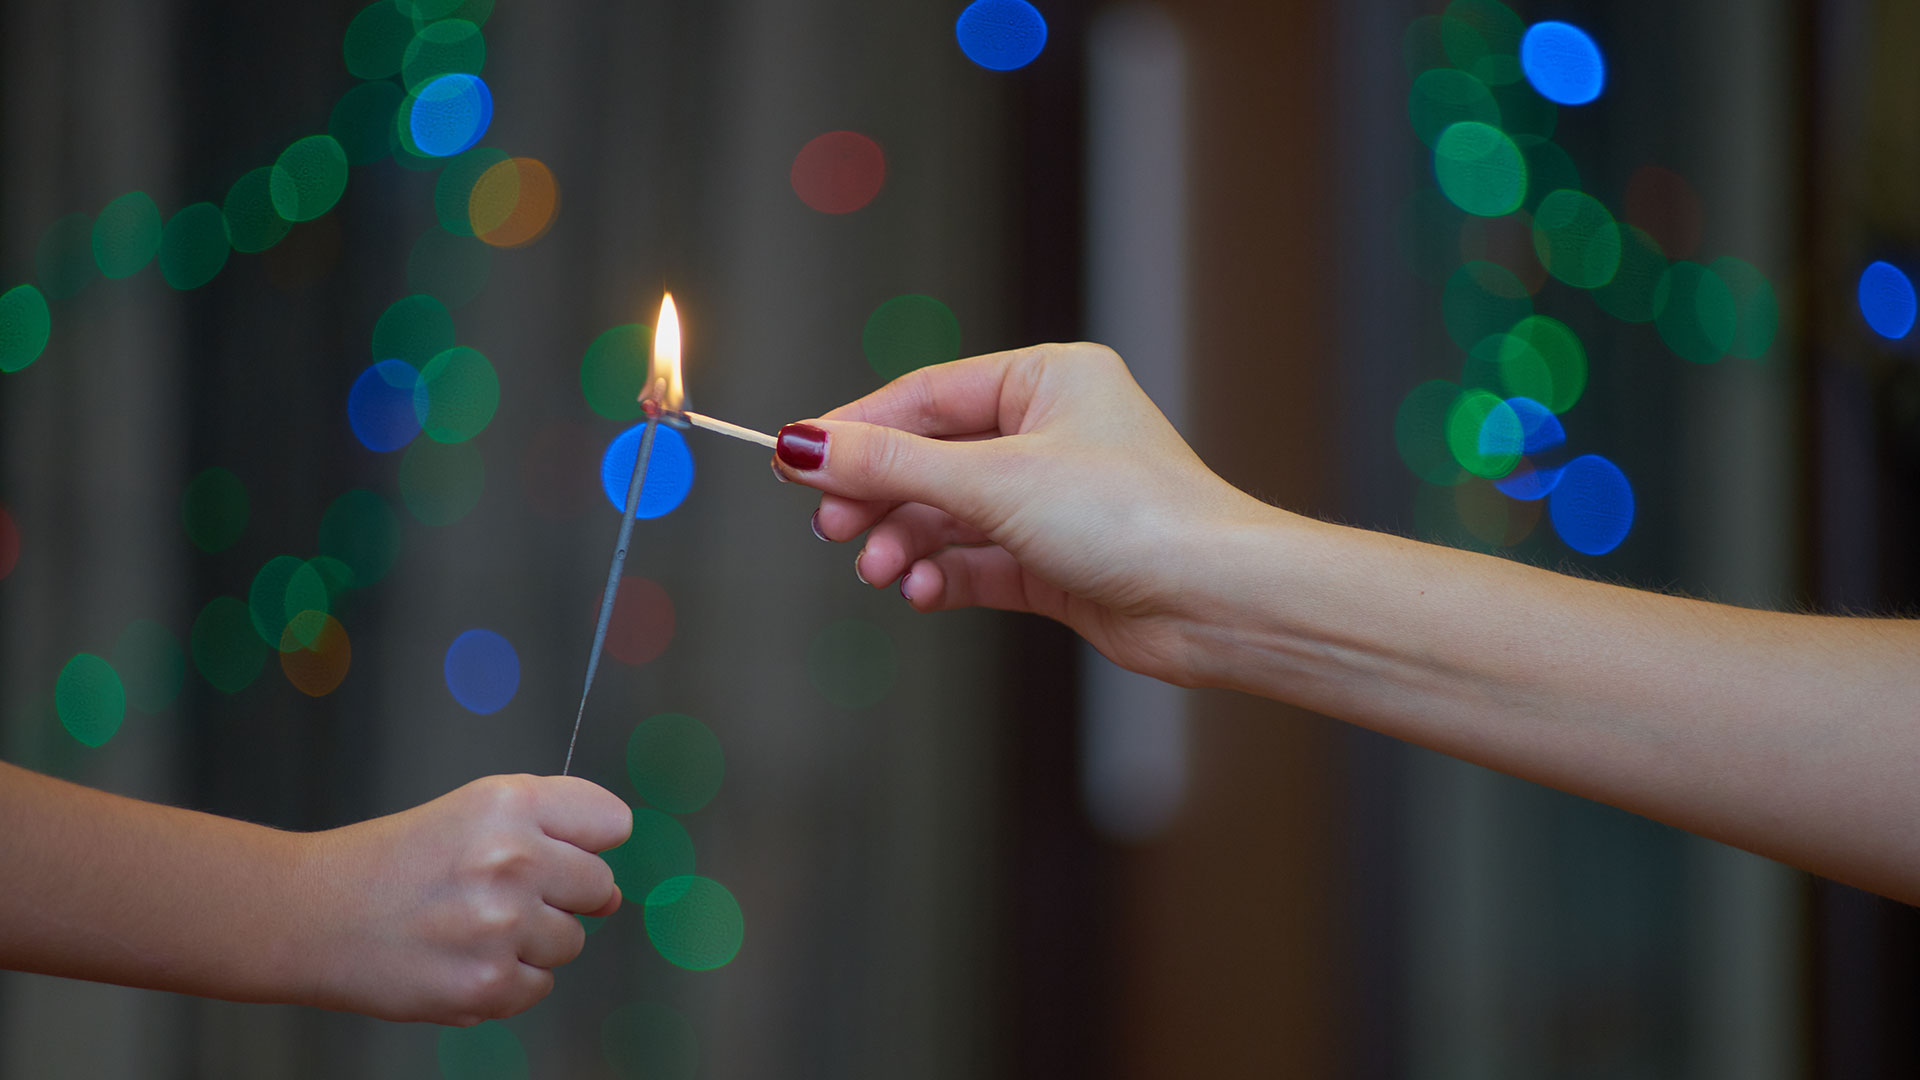 La pirotecnia sólo debe encenderse al aire libre, lejos de otros elementos que puedan entrar en combustión (Getty)